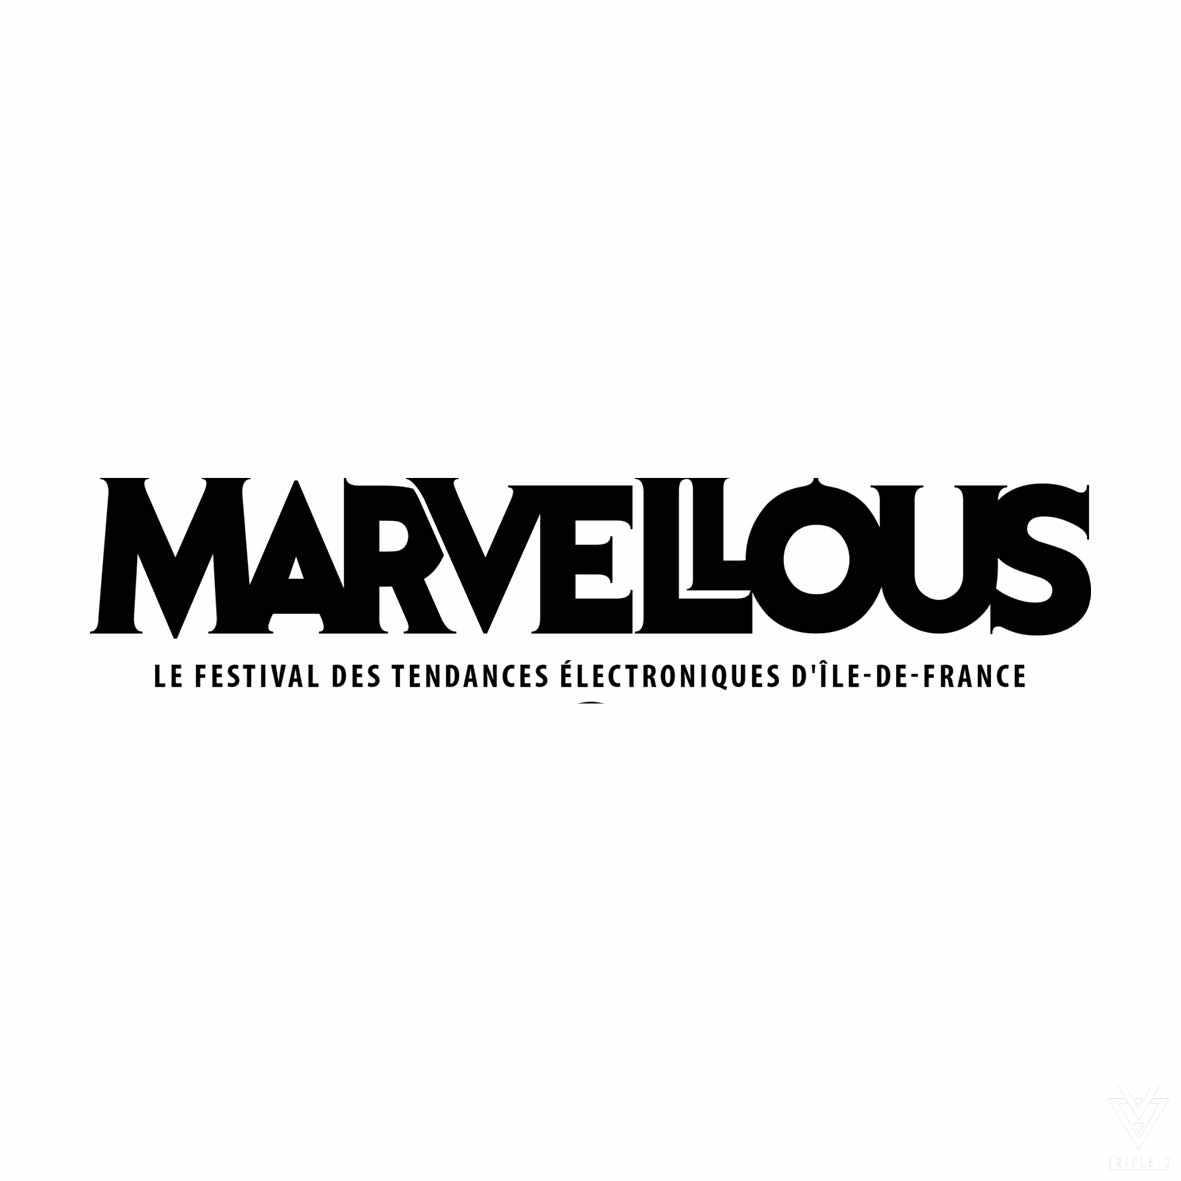 Triple - D Marvellous Festival